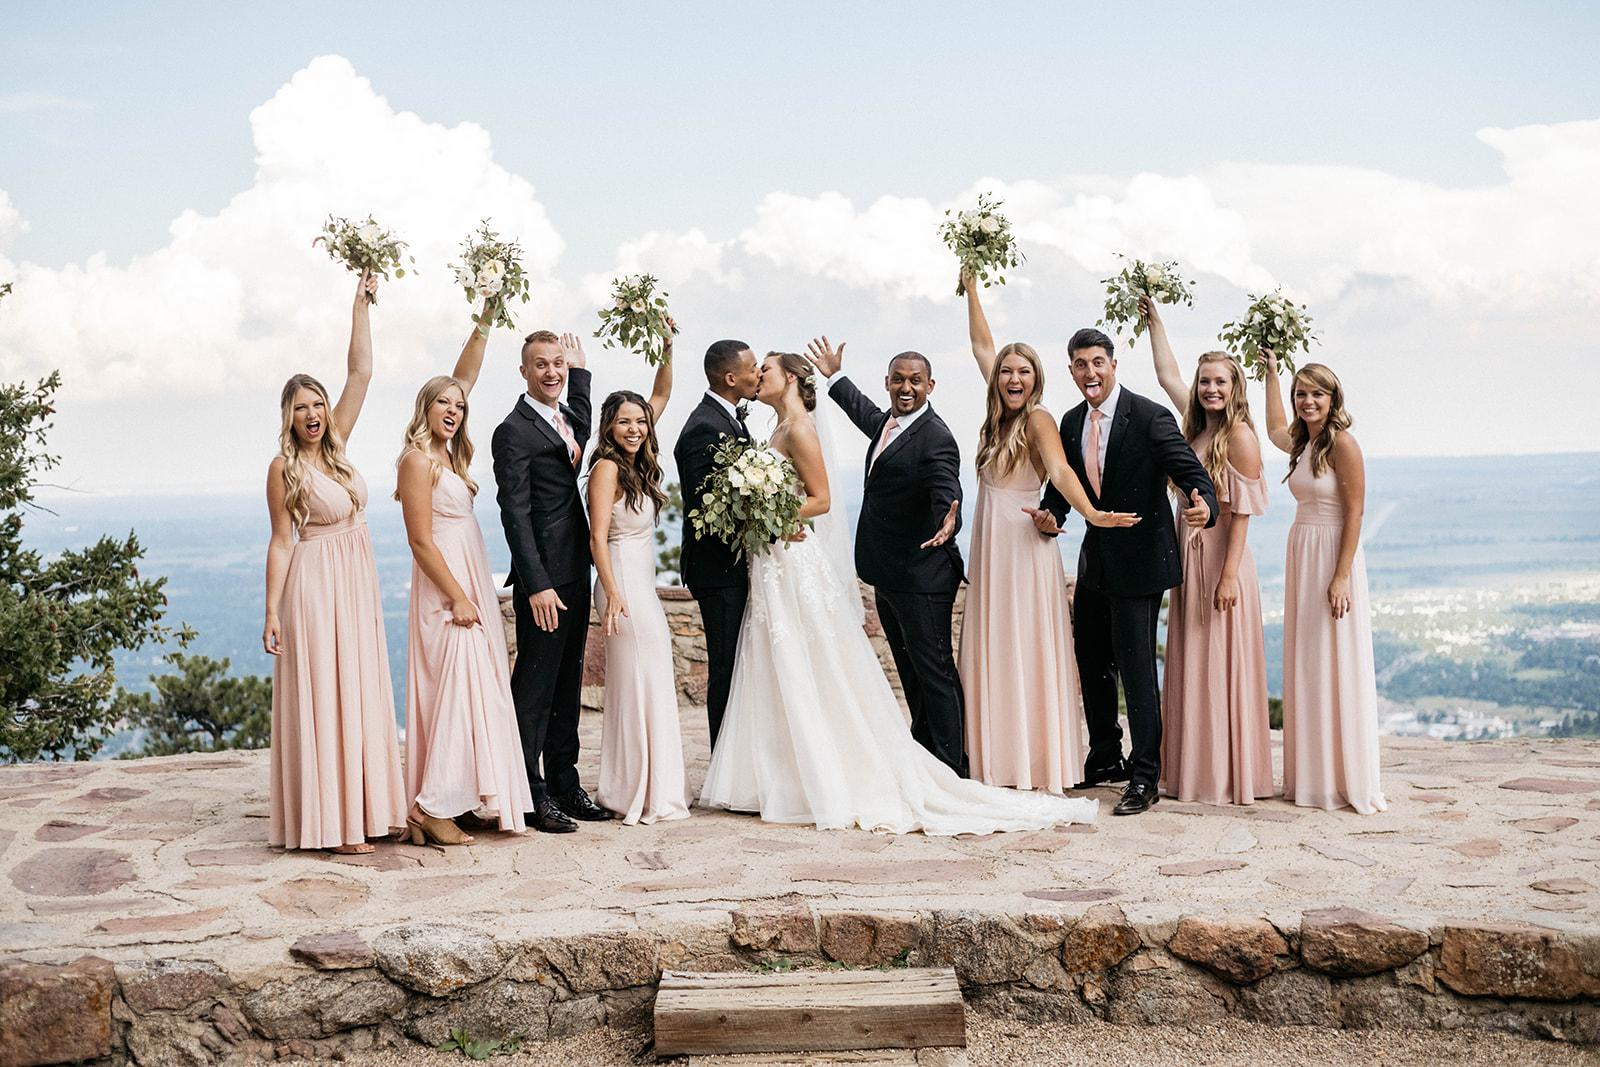 Katy_and_Solomon_Wedding_2019-536.jpg